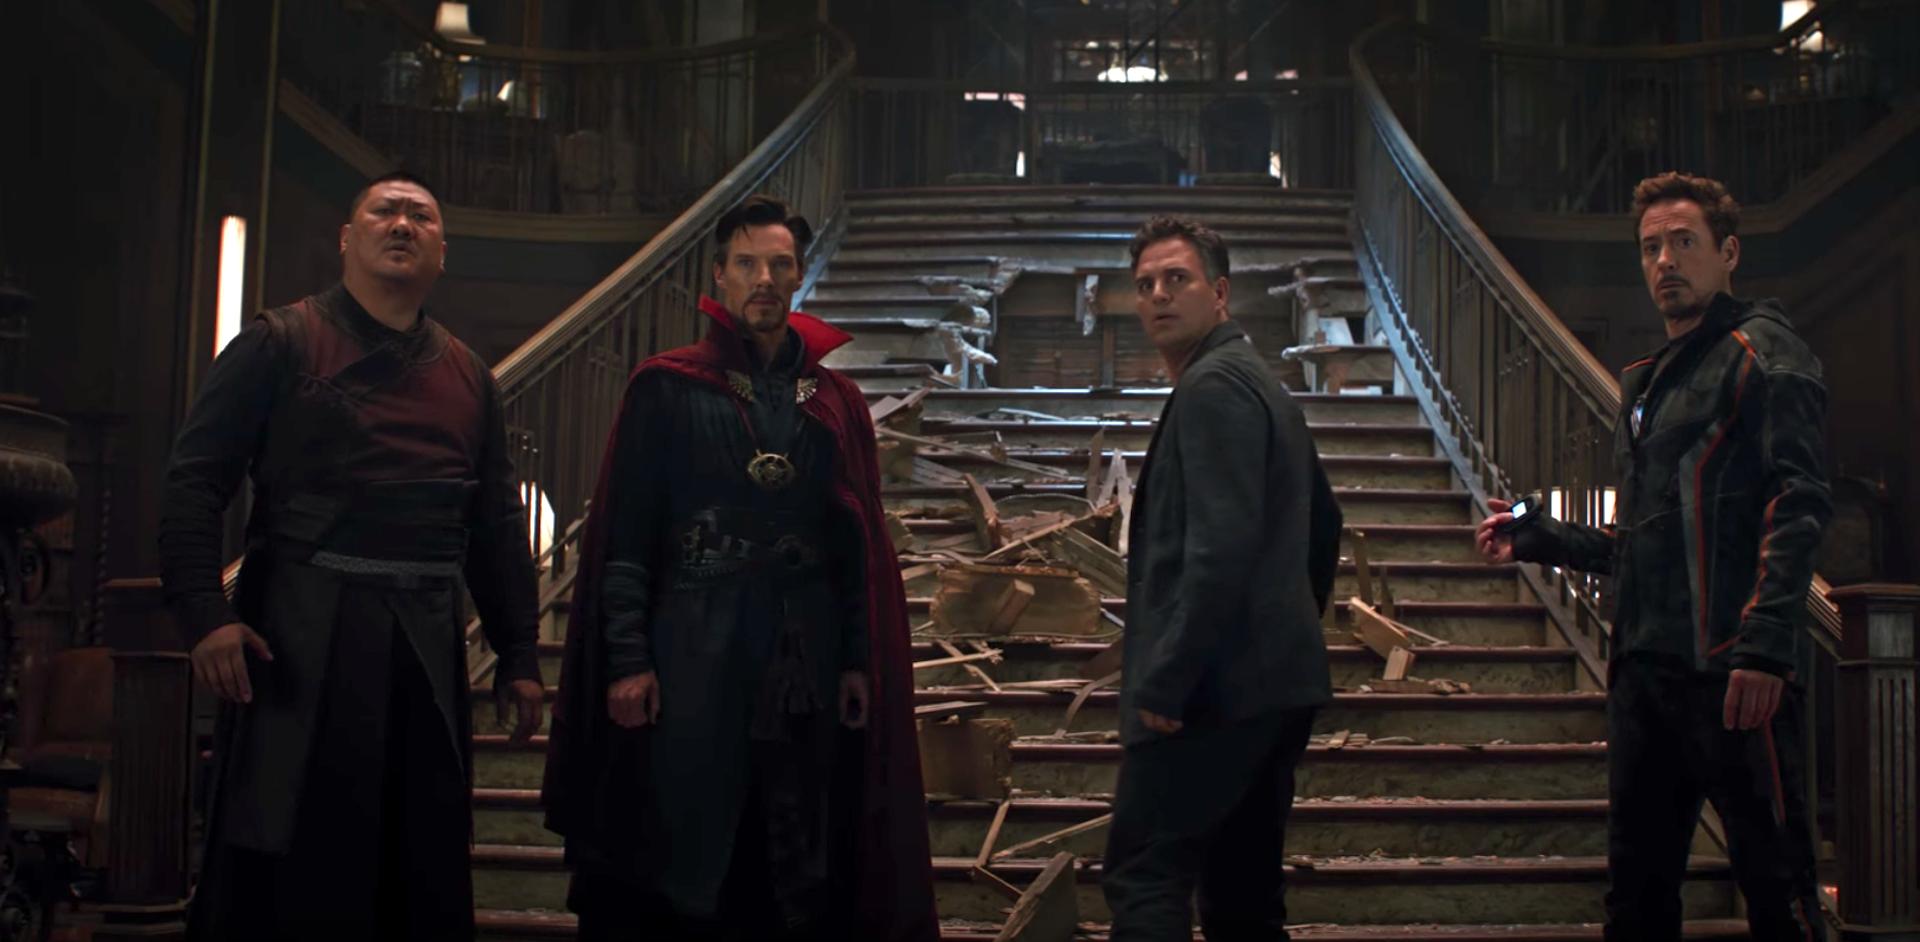 Deadpool 2 logra un excelente estreno pero no llega a su antecesora mientras Vengadores: Infinity War se mantiene y va camino de los 2.000 millones en todo el mundo. Los otros estrenos hacen lo esperado